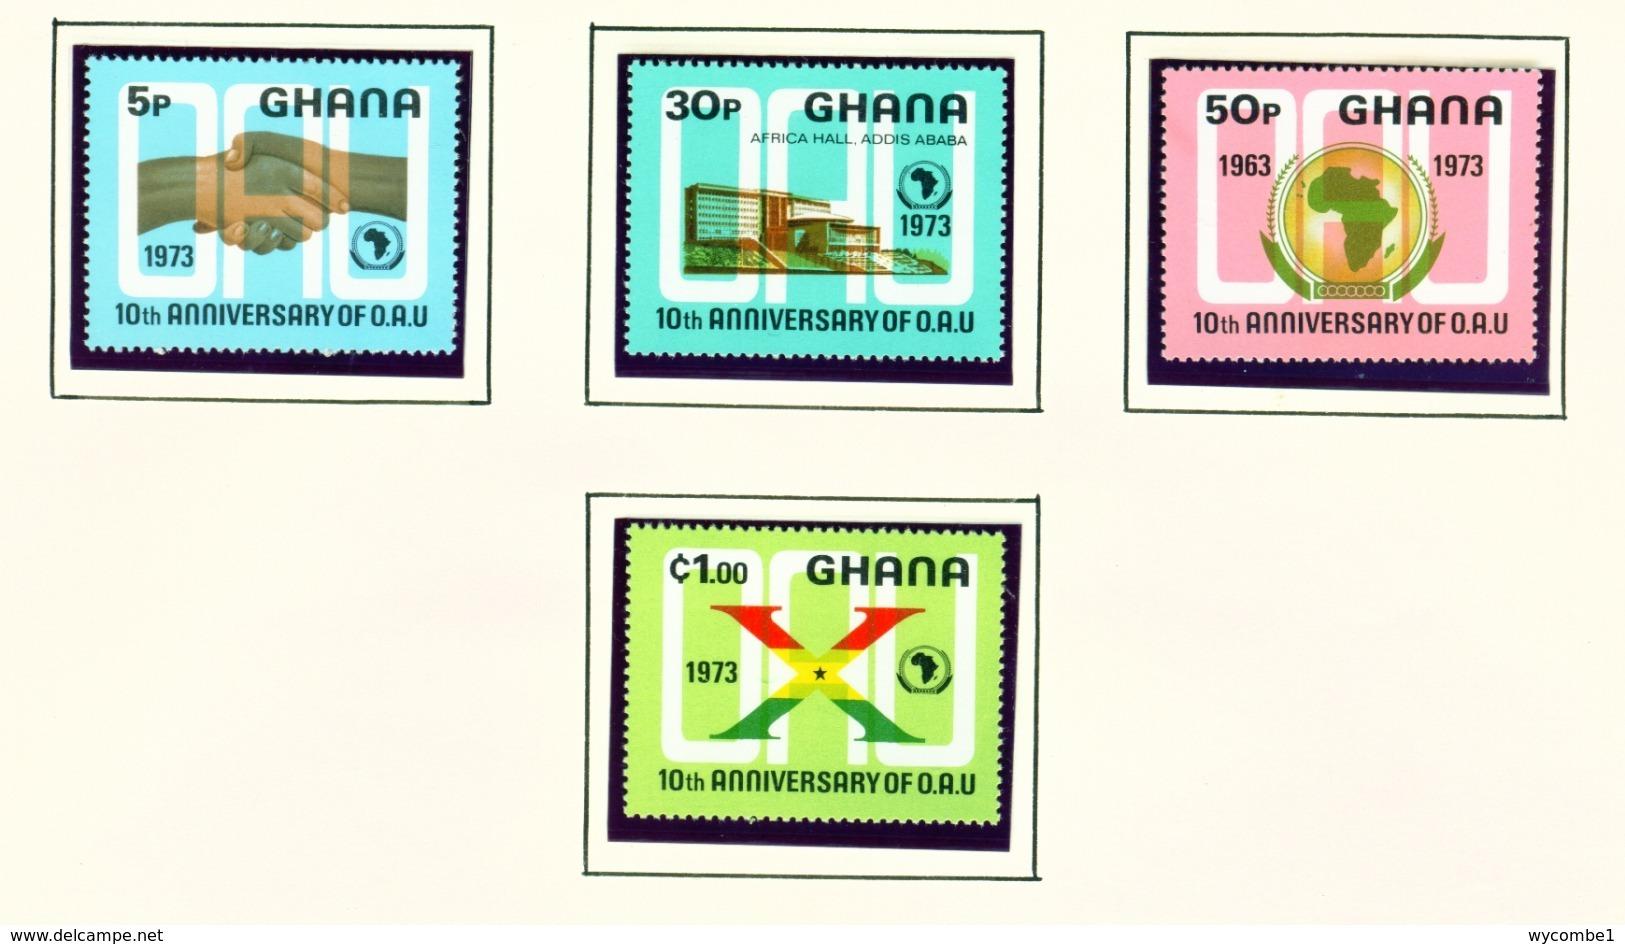 GHANA  -  1973 OAU Set Unmounted/Never Hinged Mint - Ghana (1957-...)